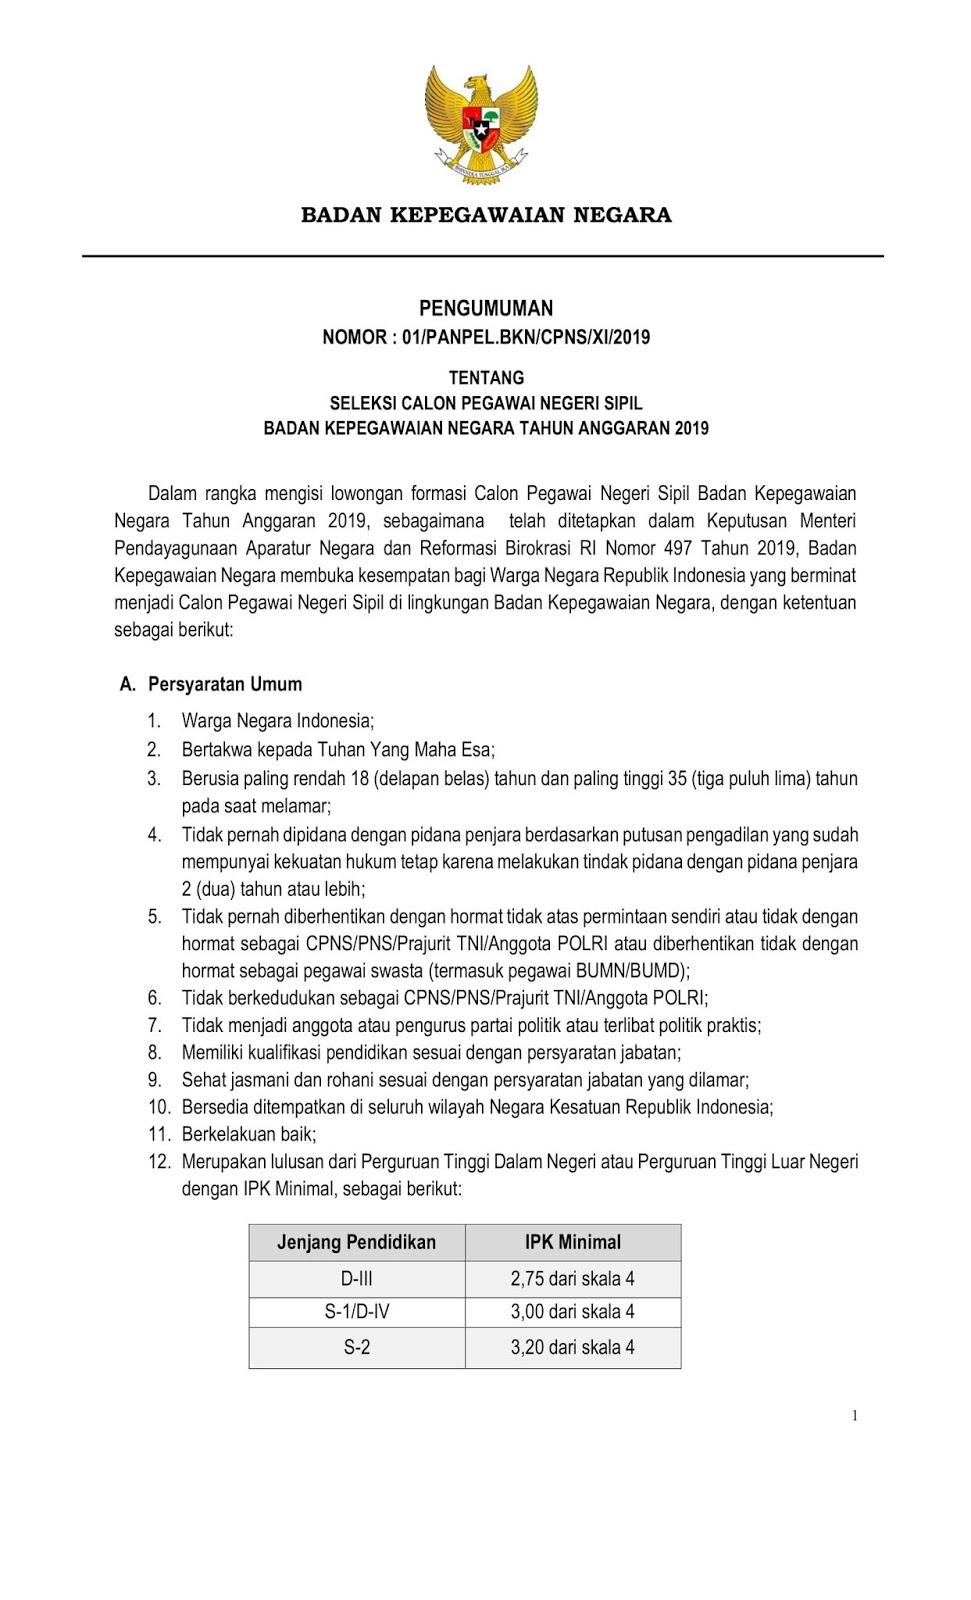 Penerimaan CPNS Badan Kepegawaian Negara Tahun Anggaran 2019 [180 Formasi]